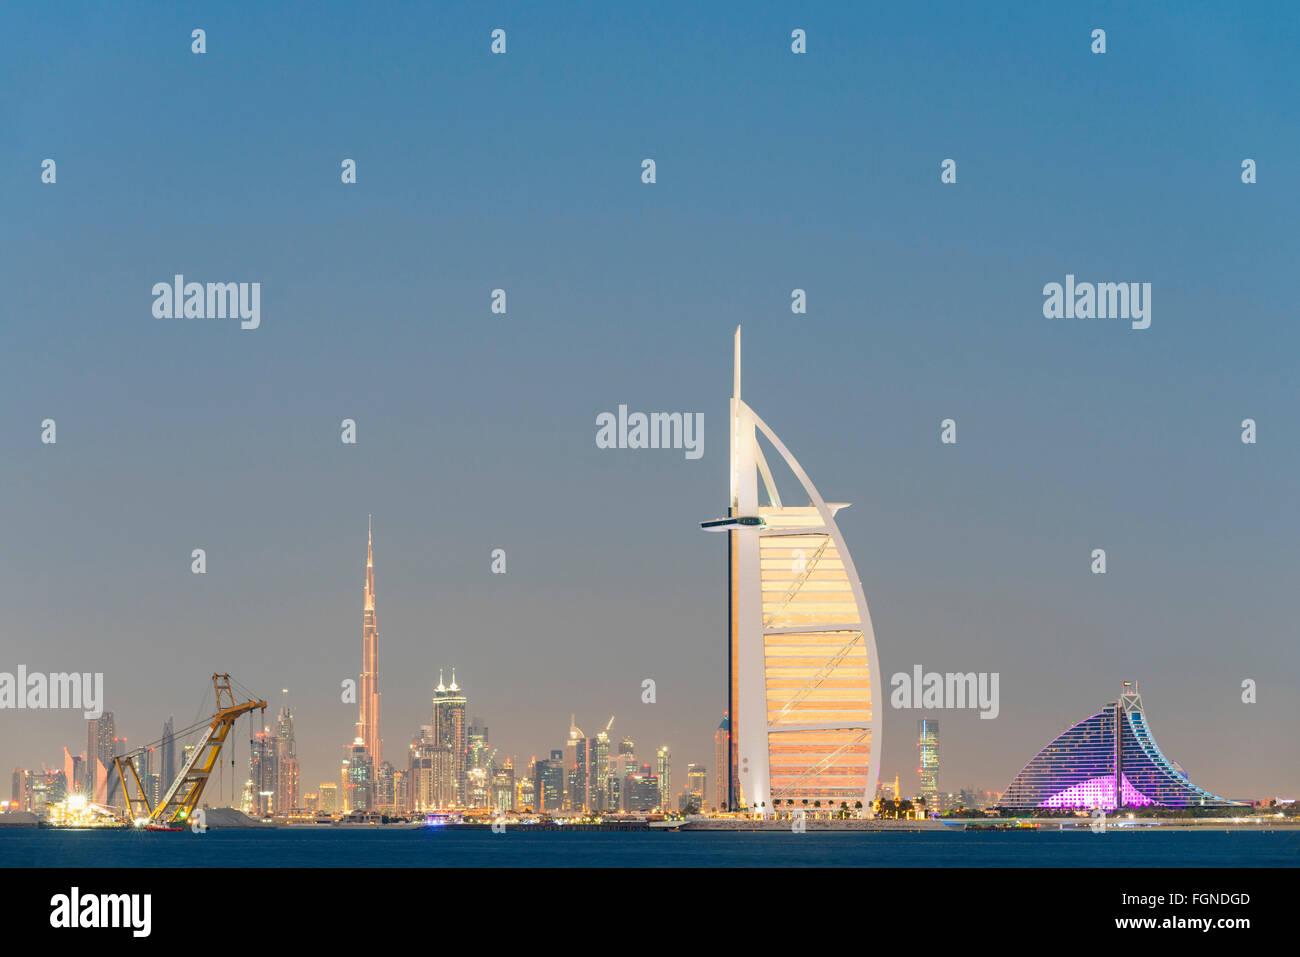 Skyline bei Nacht von Dubai Waterfront mit Burj al Arab Hotel in Vereinigte Arabische Emirate Stockbild